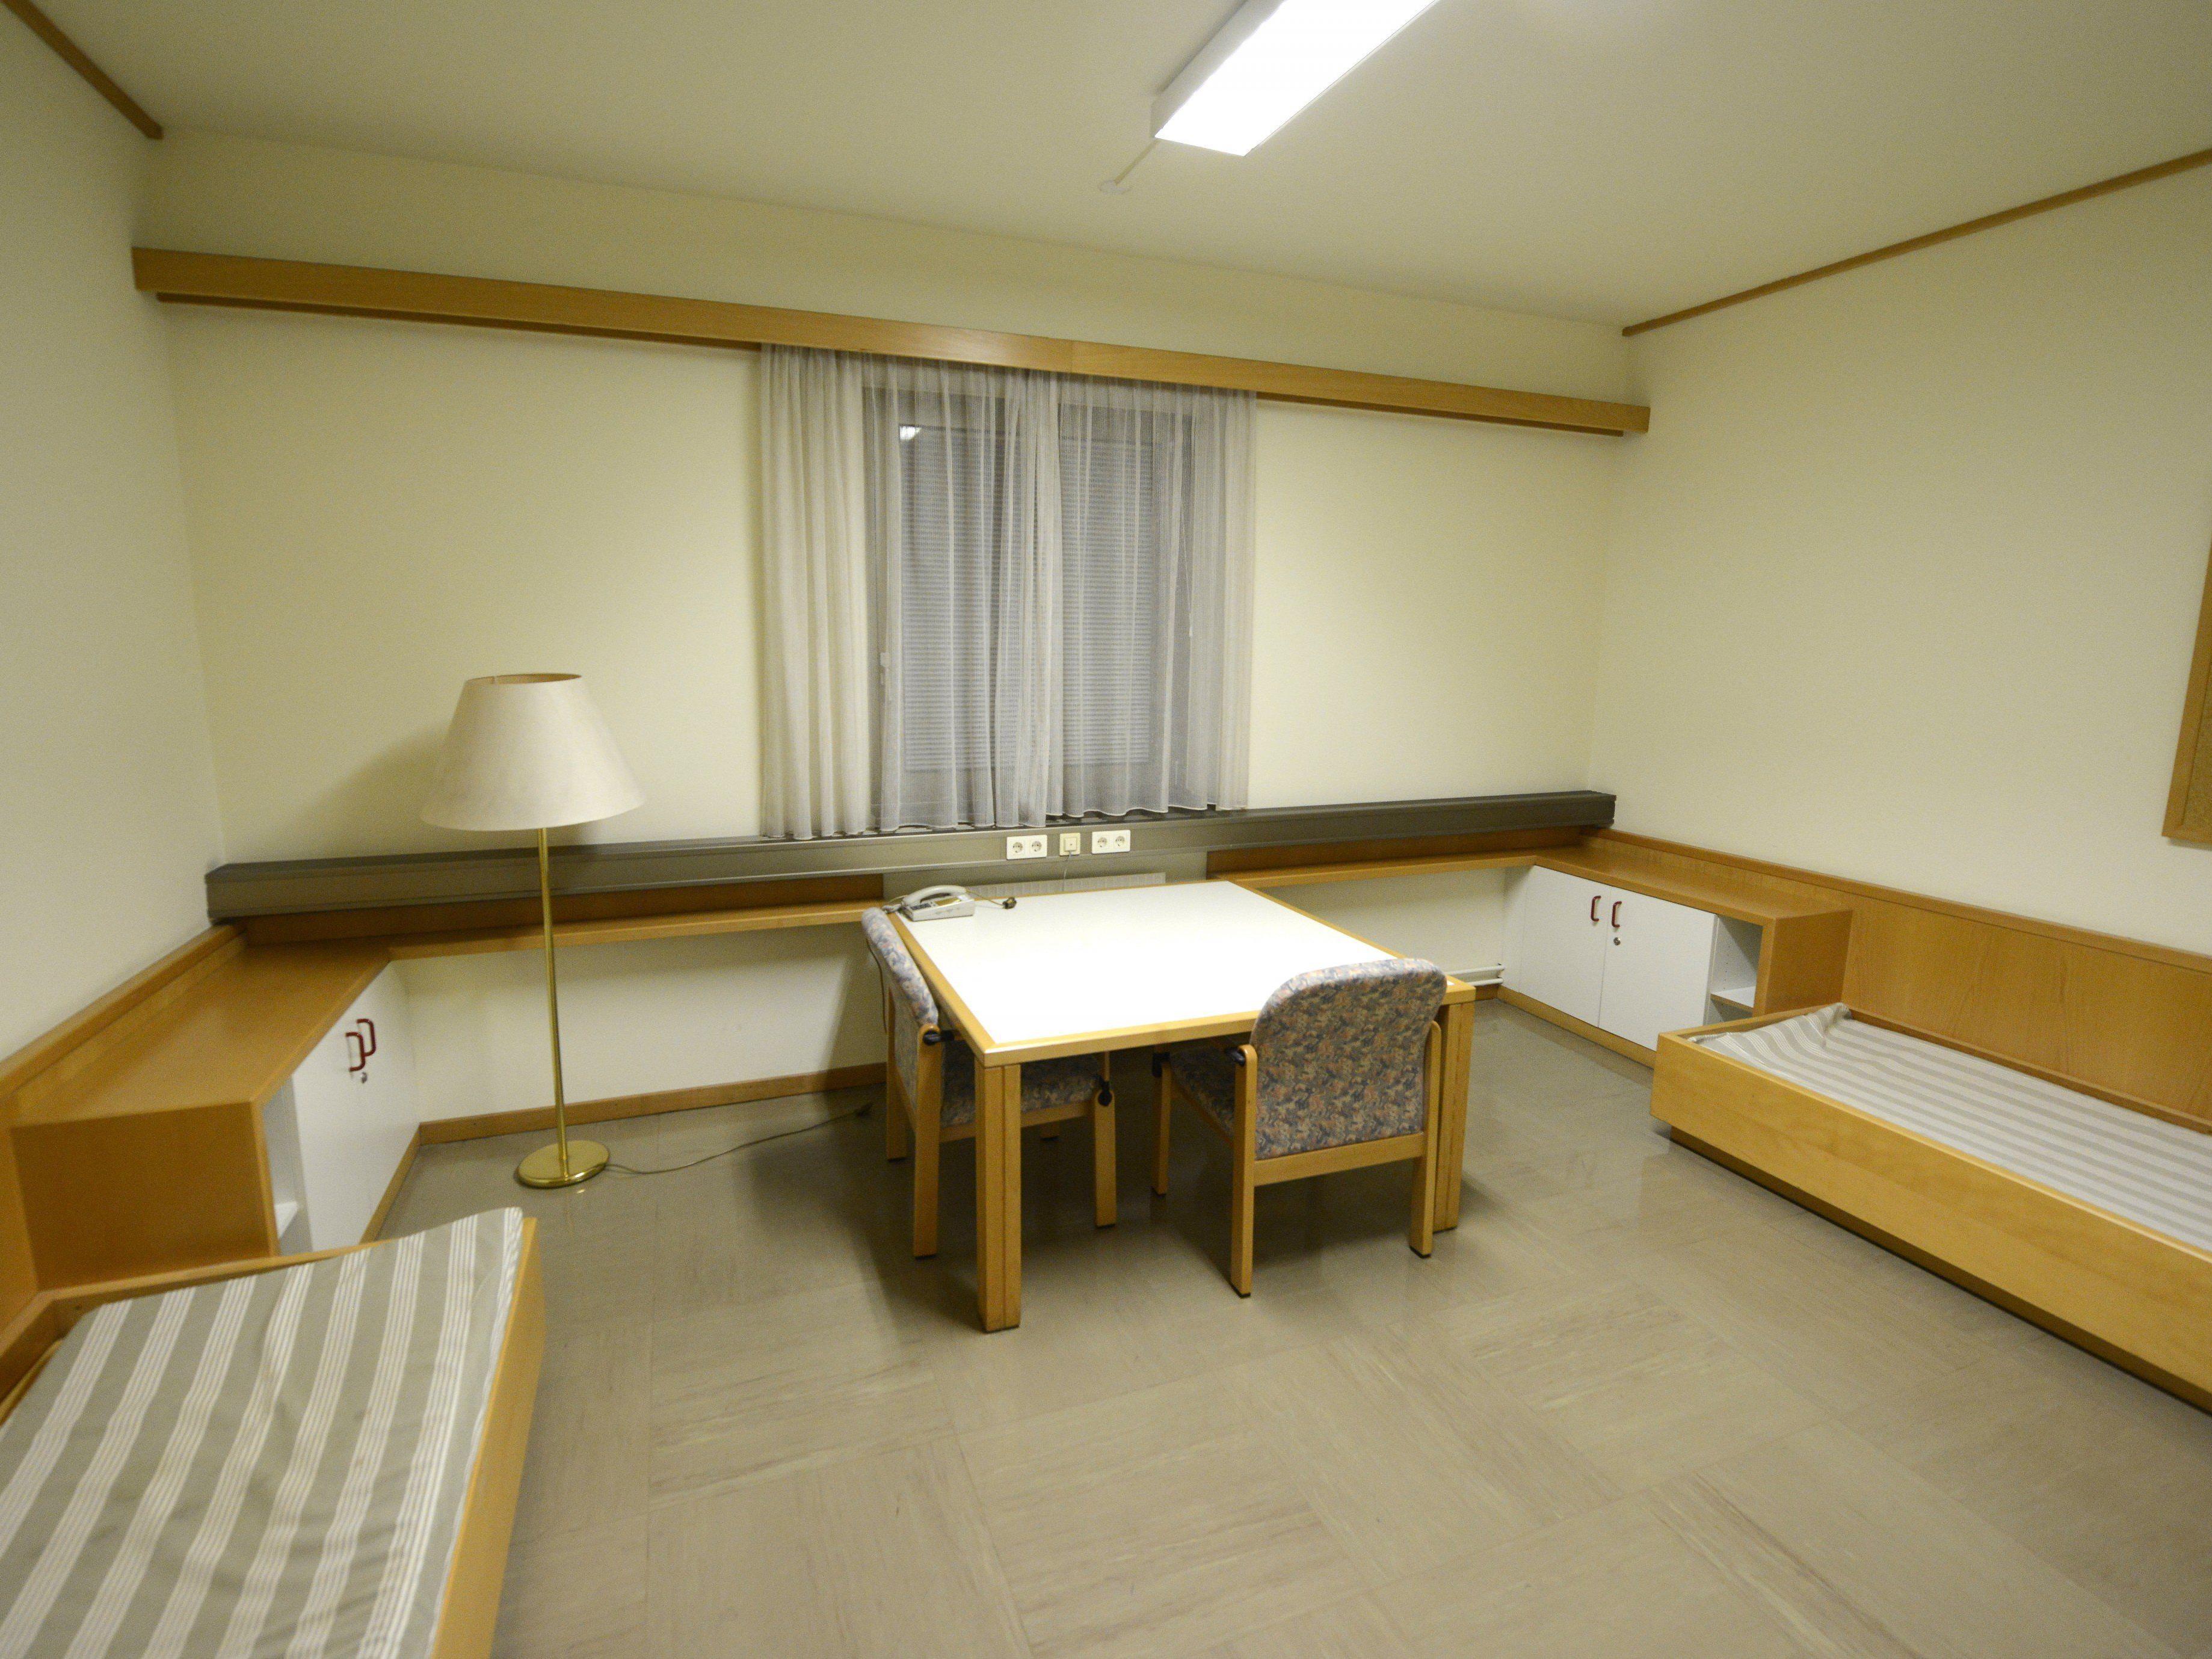 Blick in ein Zimmer des Asyl-Übergangsquartiers in Wien-Erdberg.